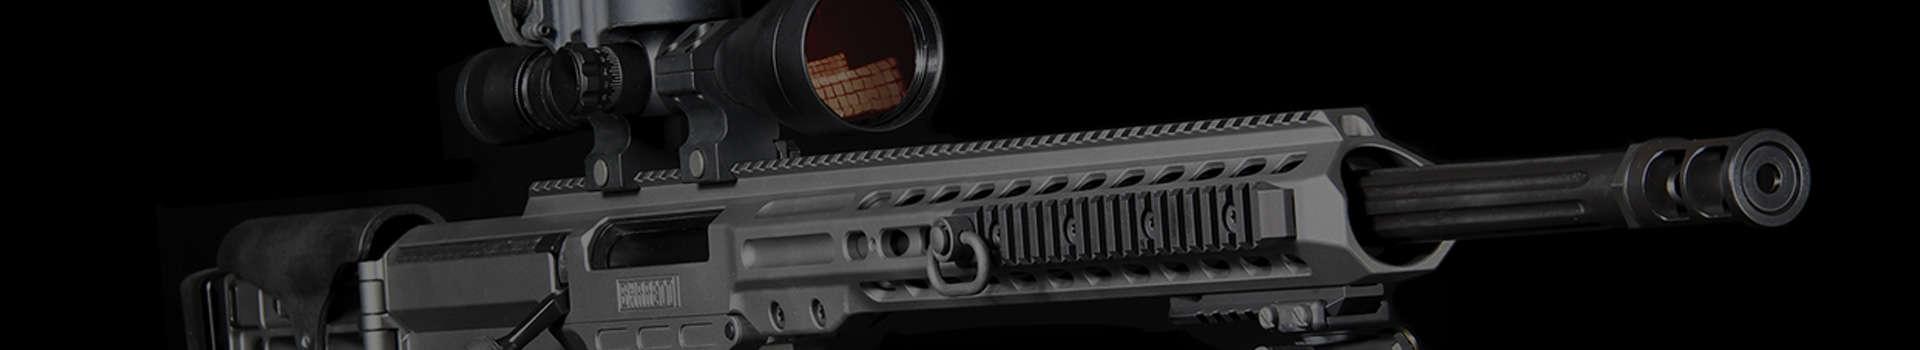 Barrett Firearms Portfolio